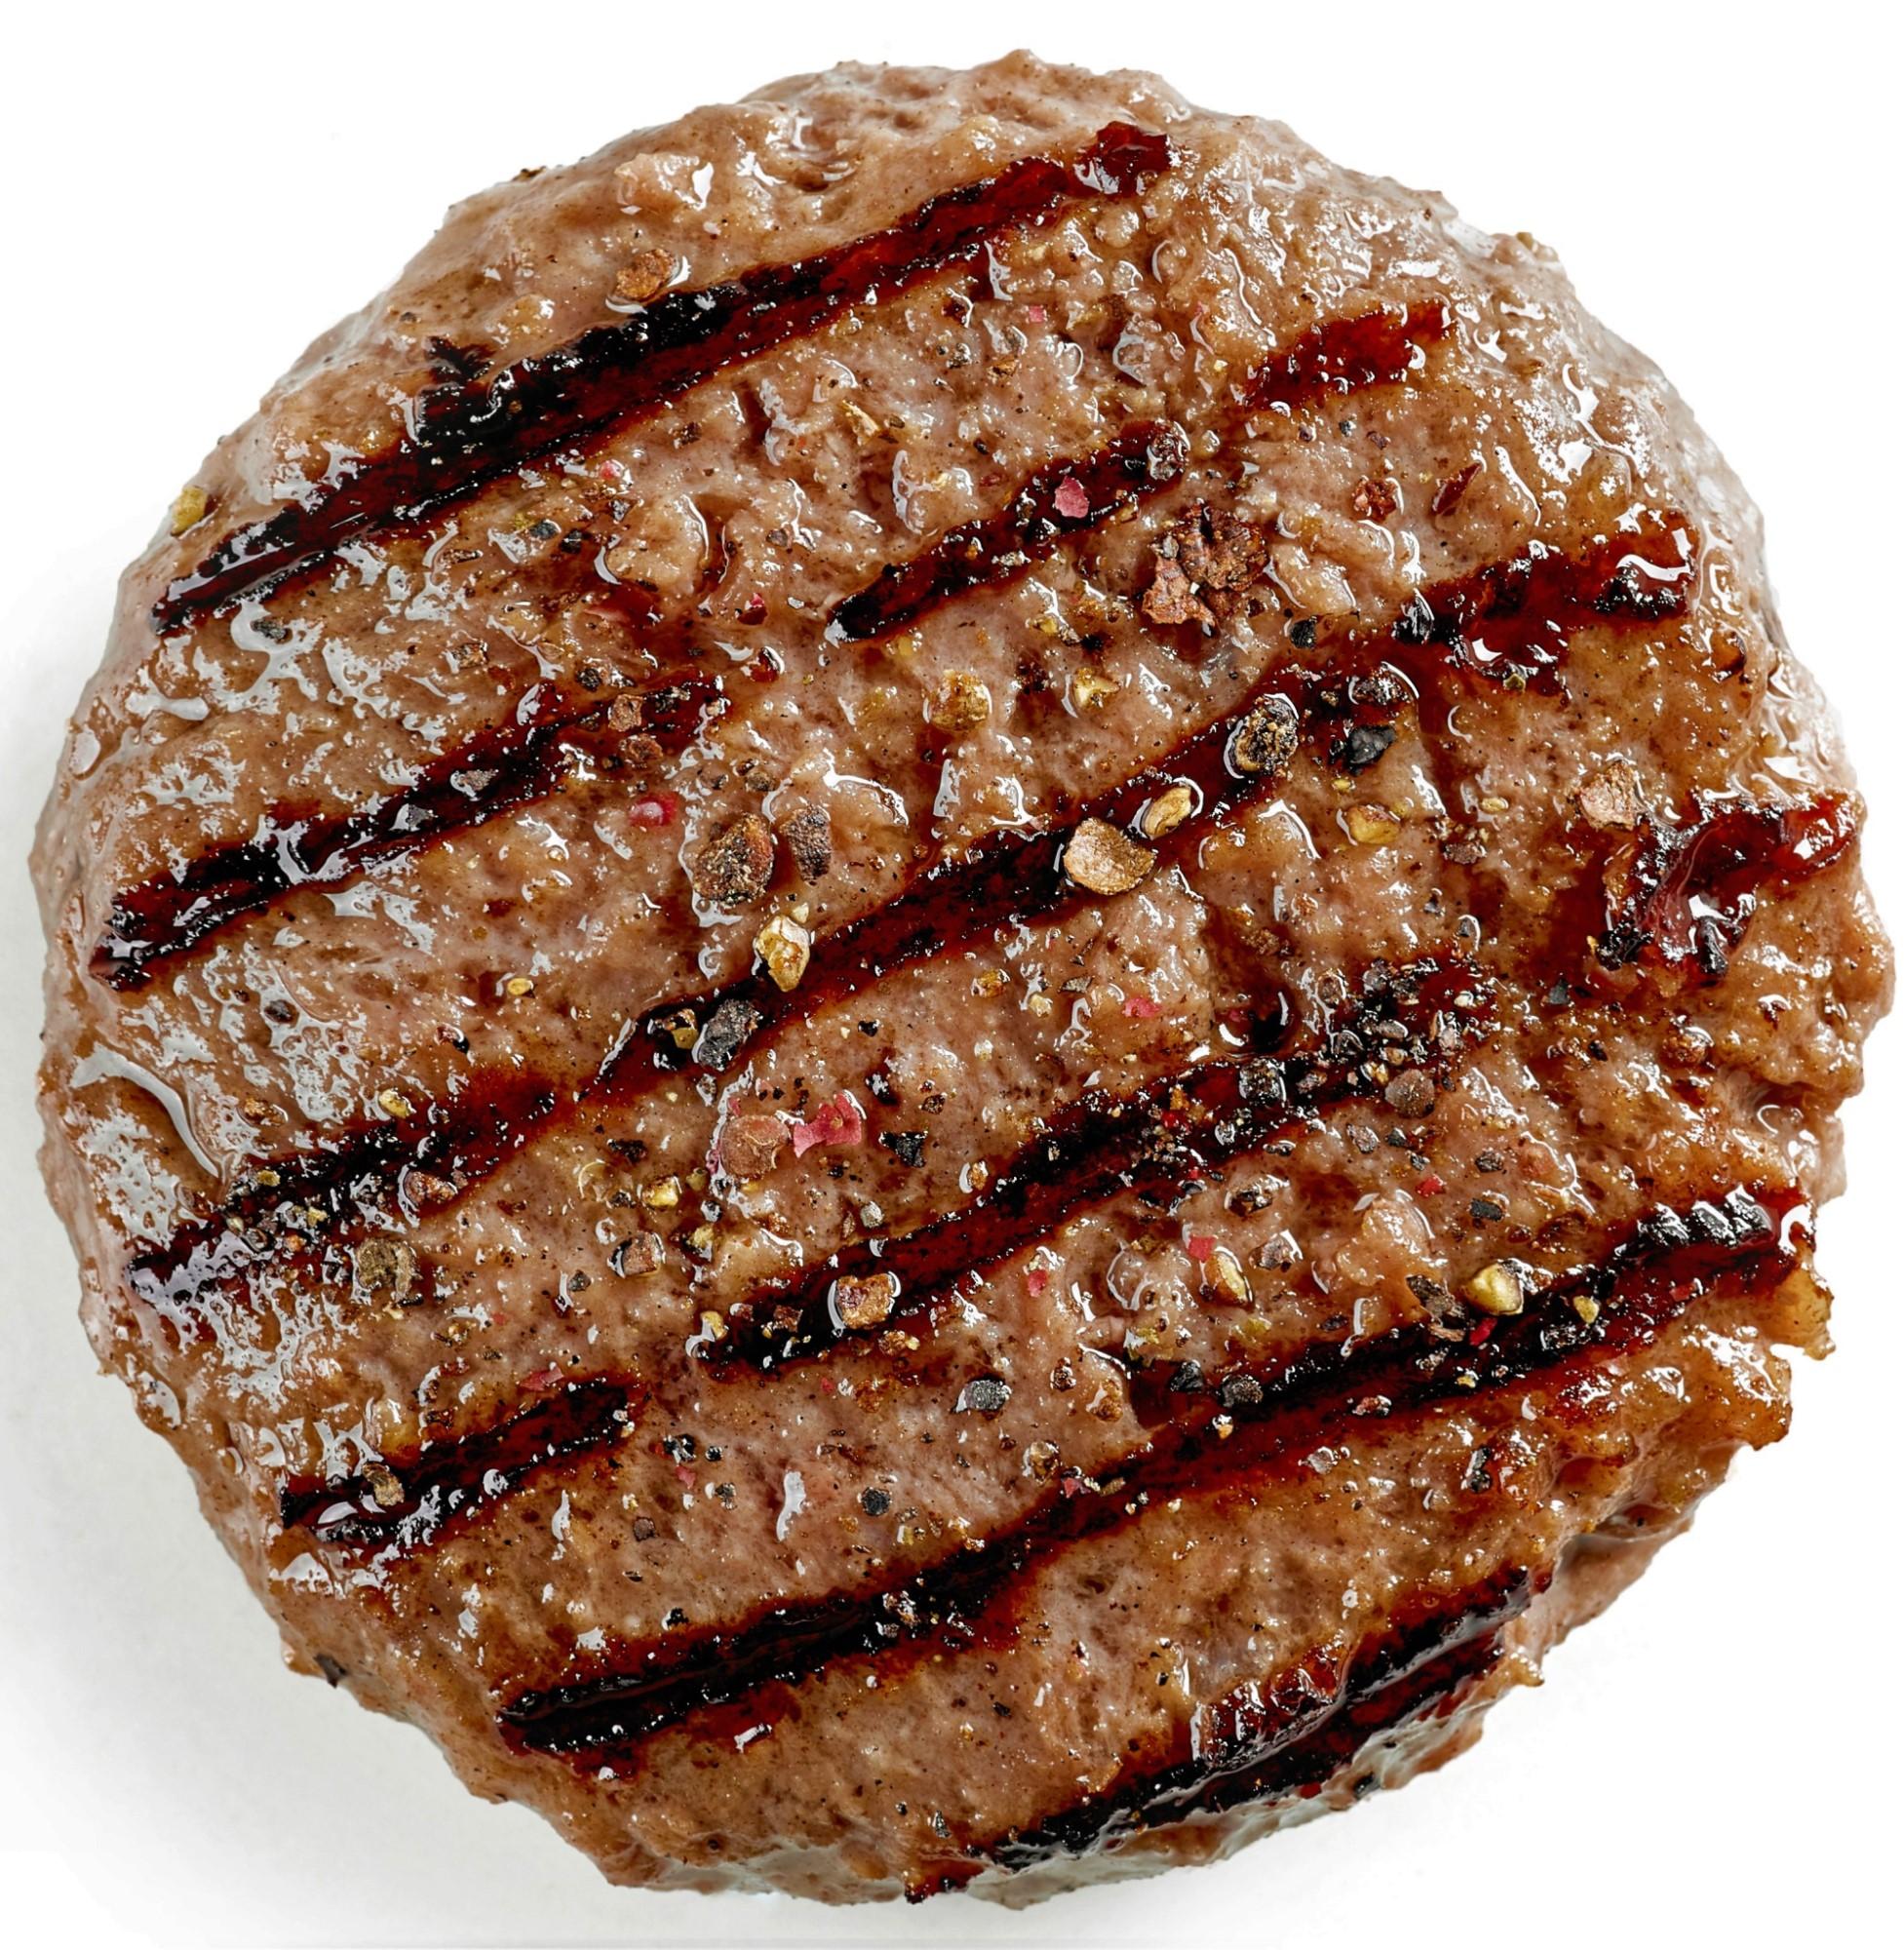 Flamegrilled Burger Image